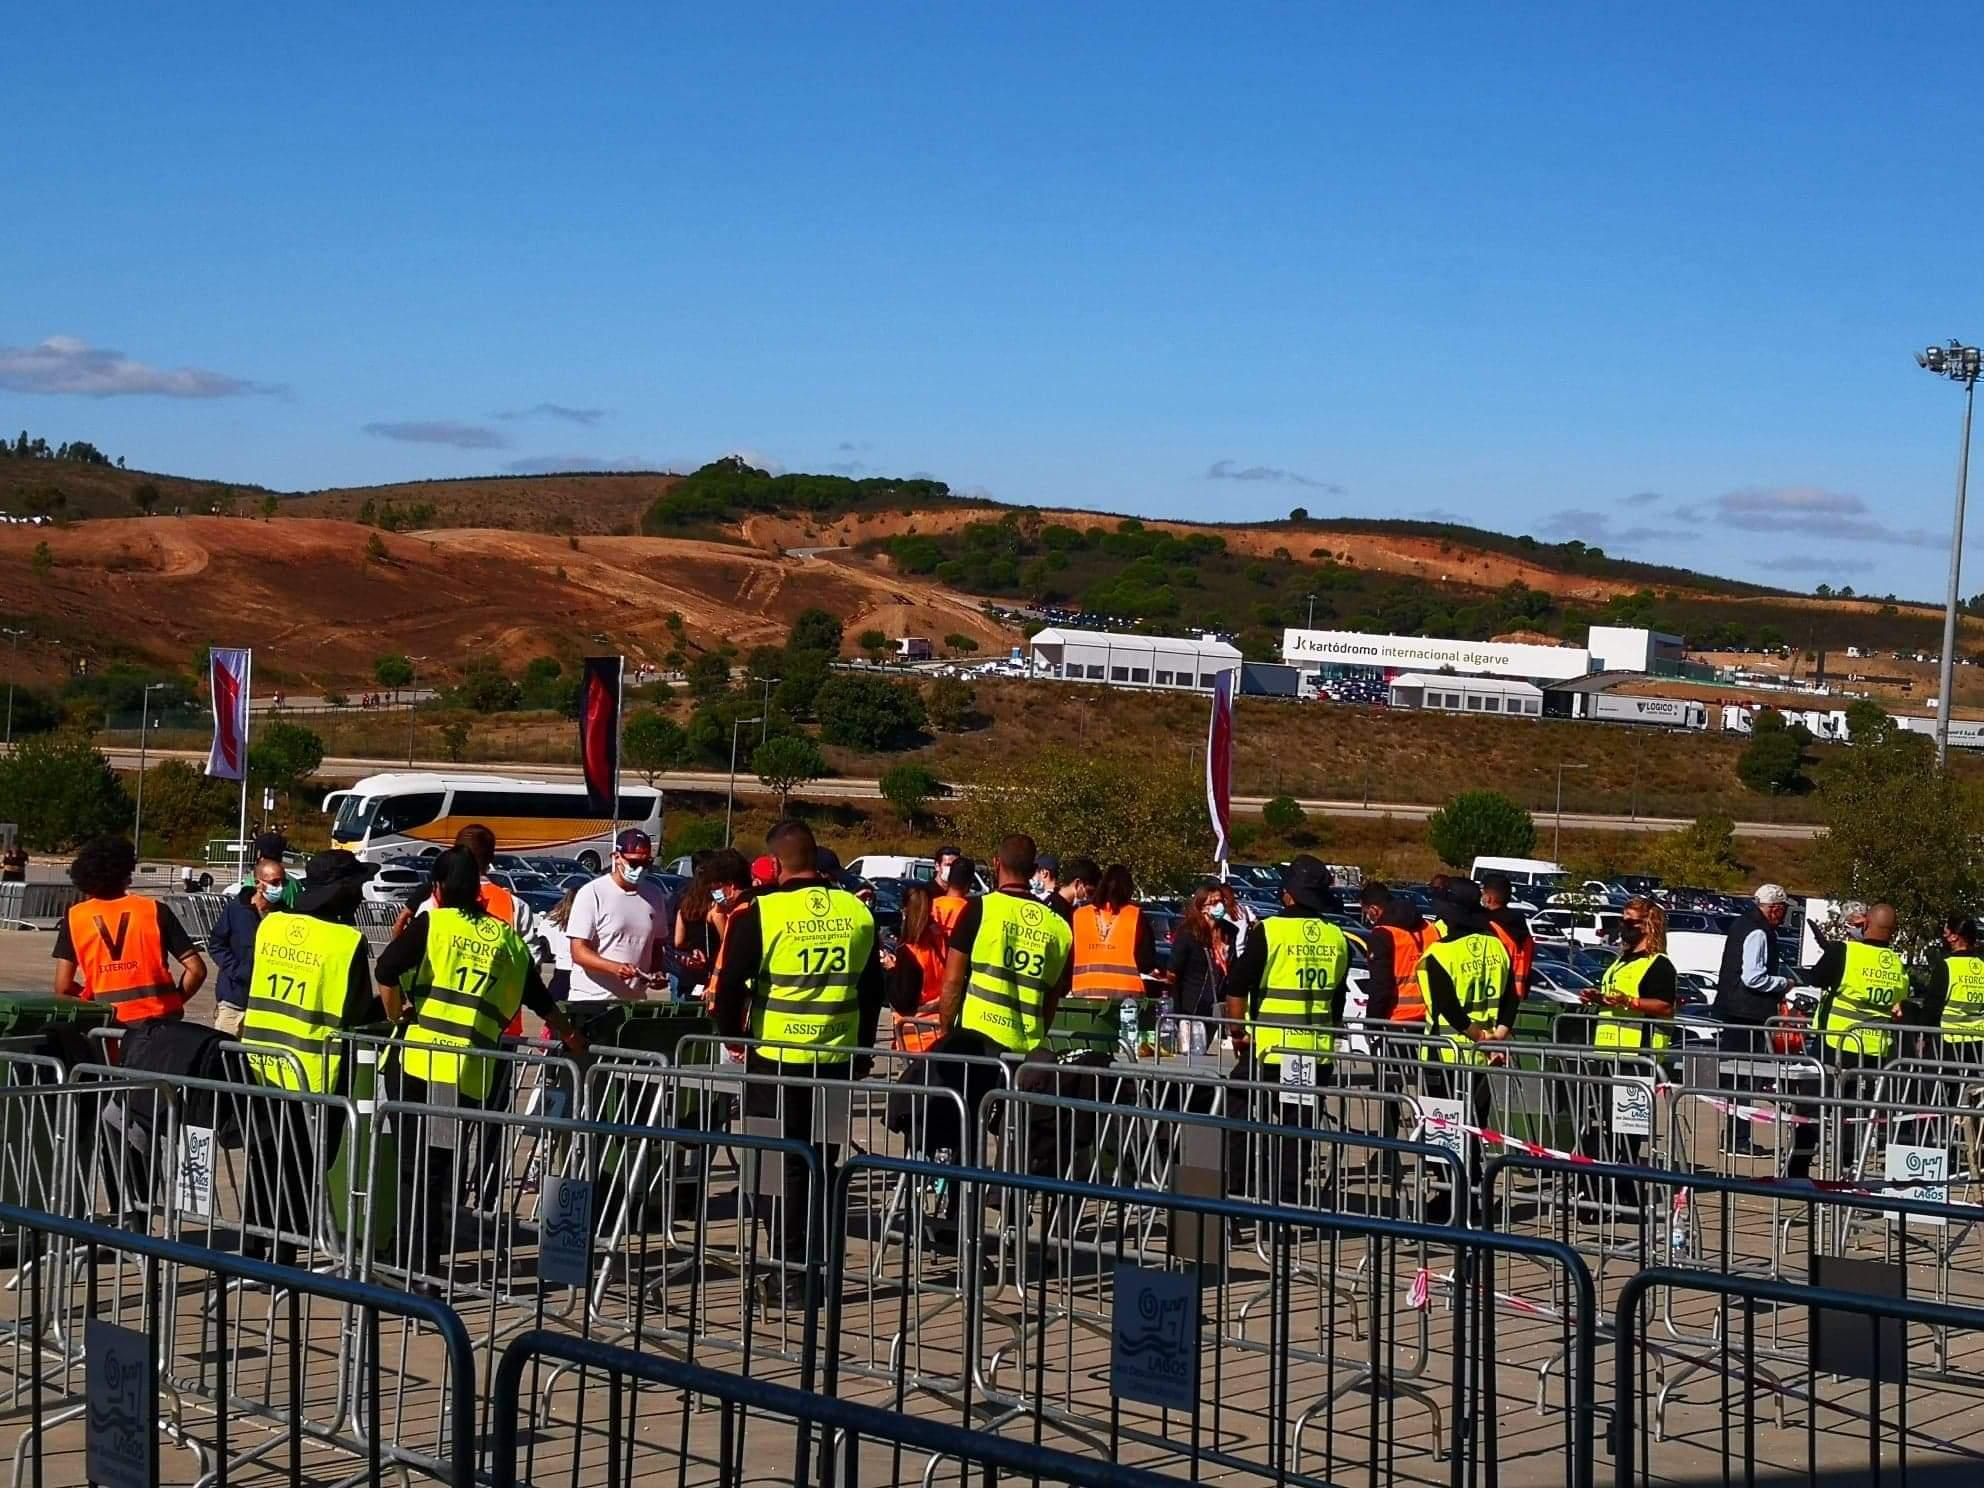 Voluntarios a encaminhar publico na entrada do recinto